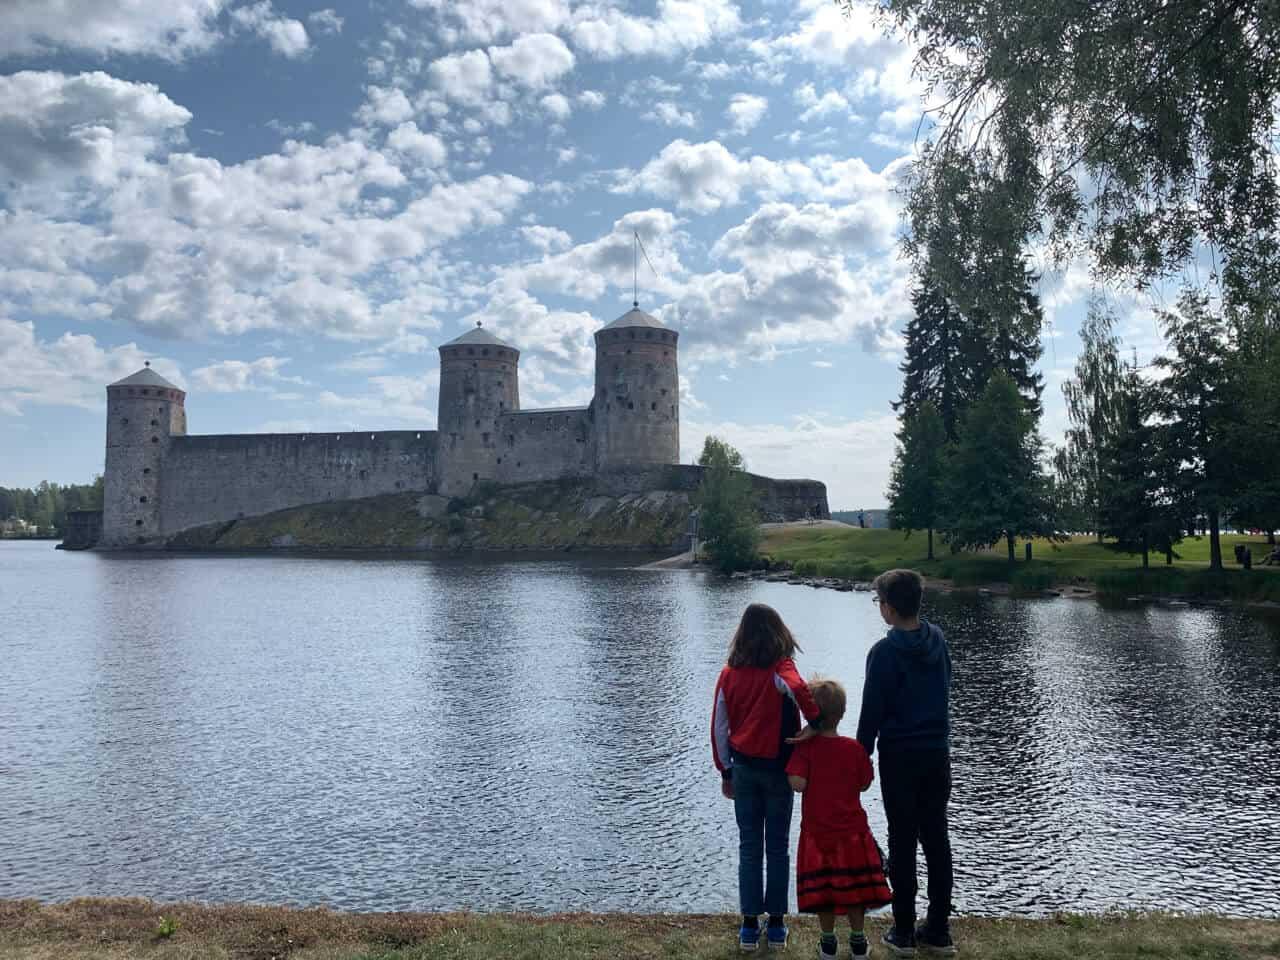 Road trips in Europe - Finland castle